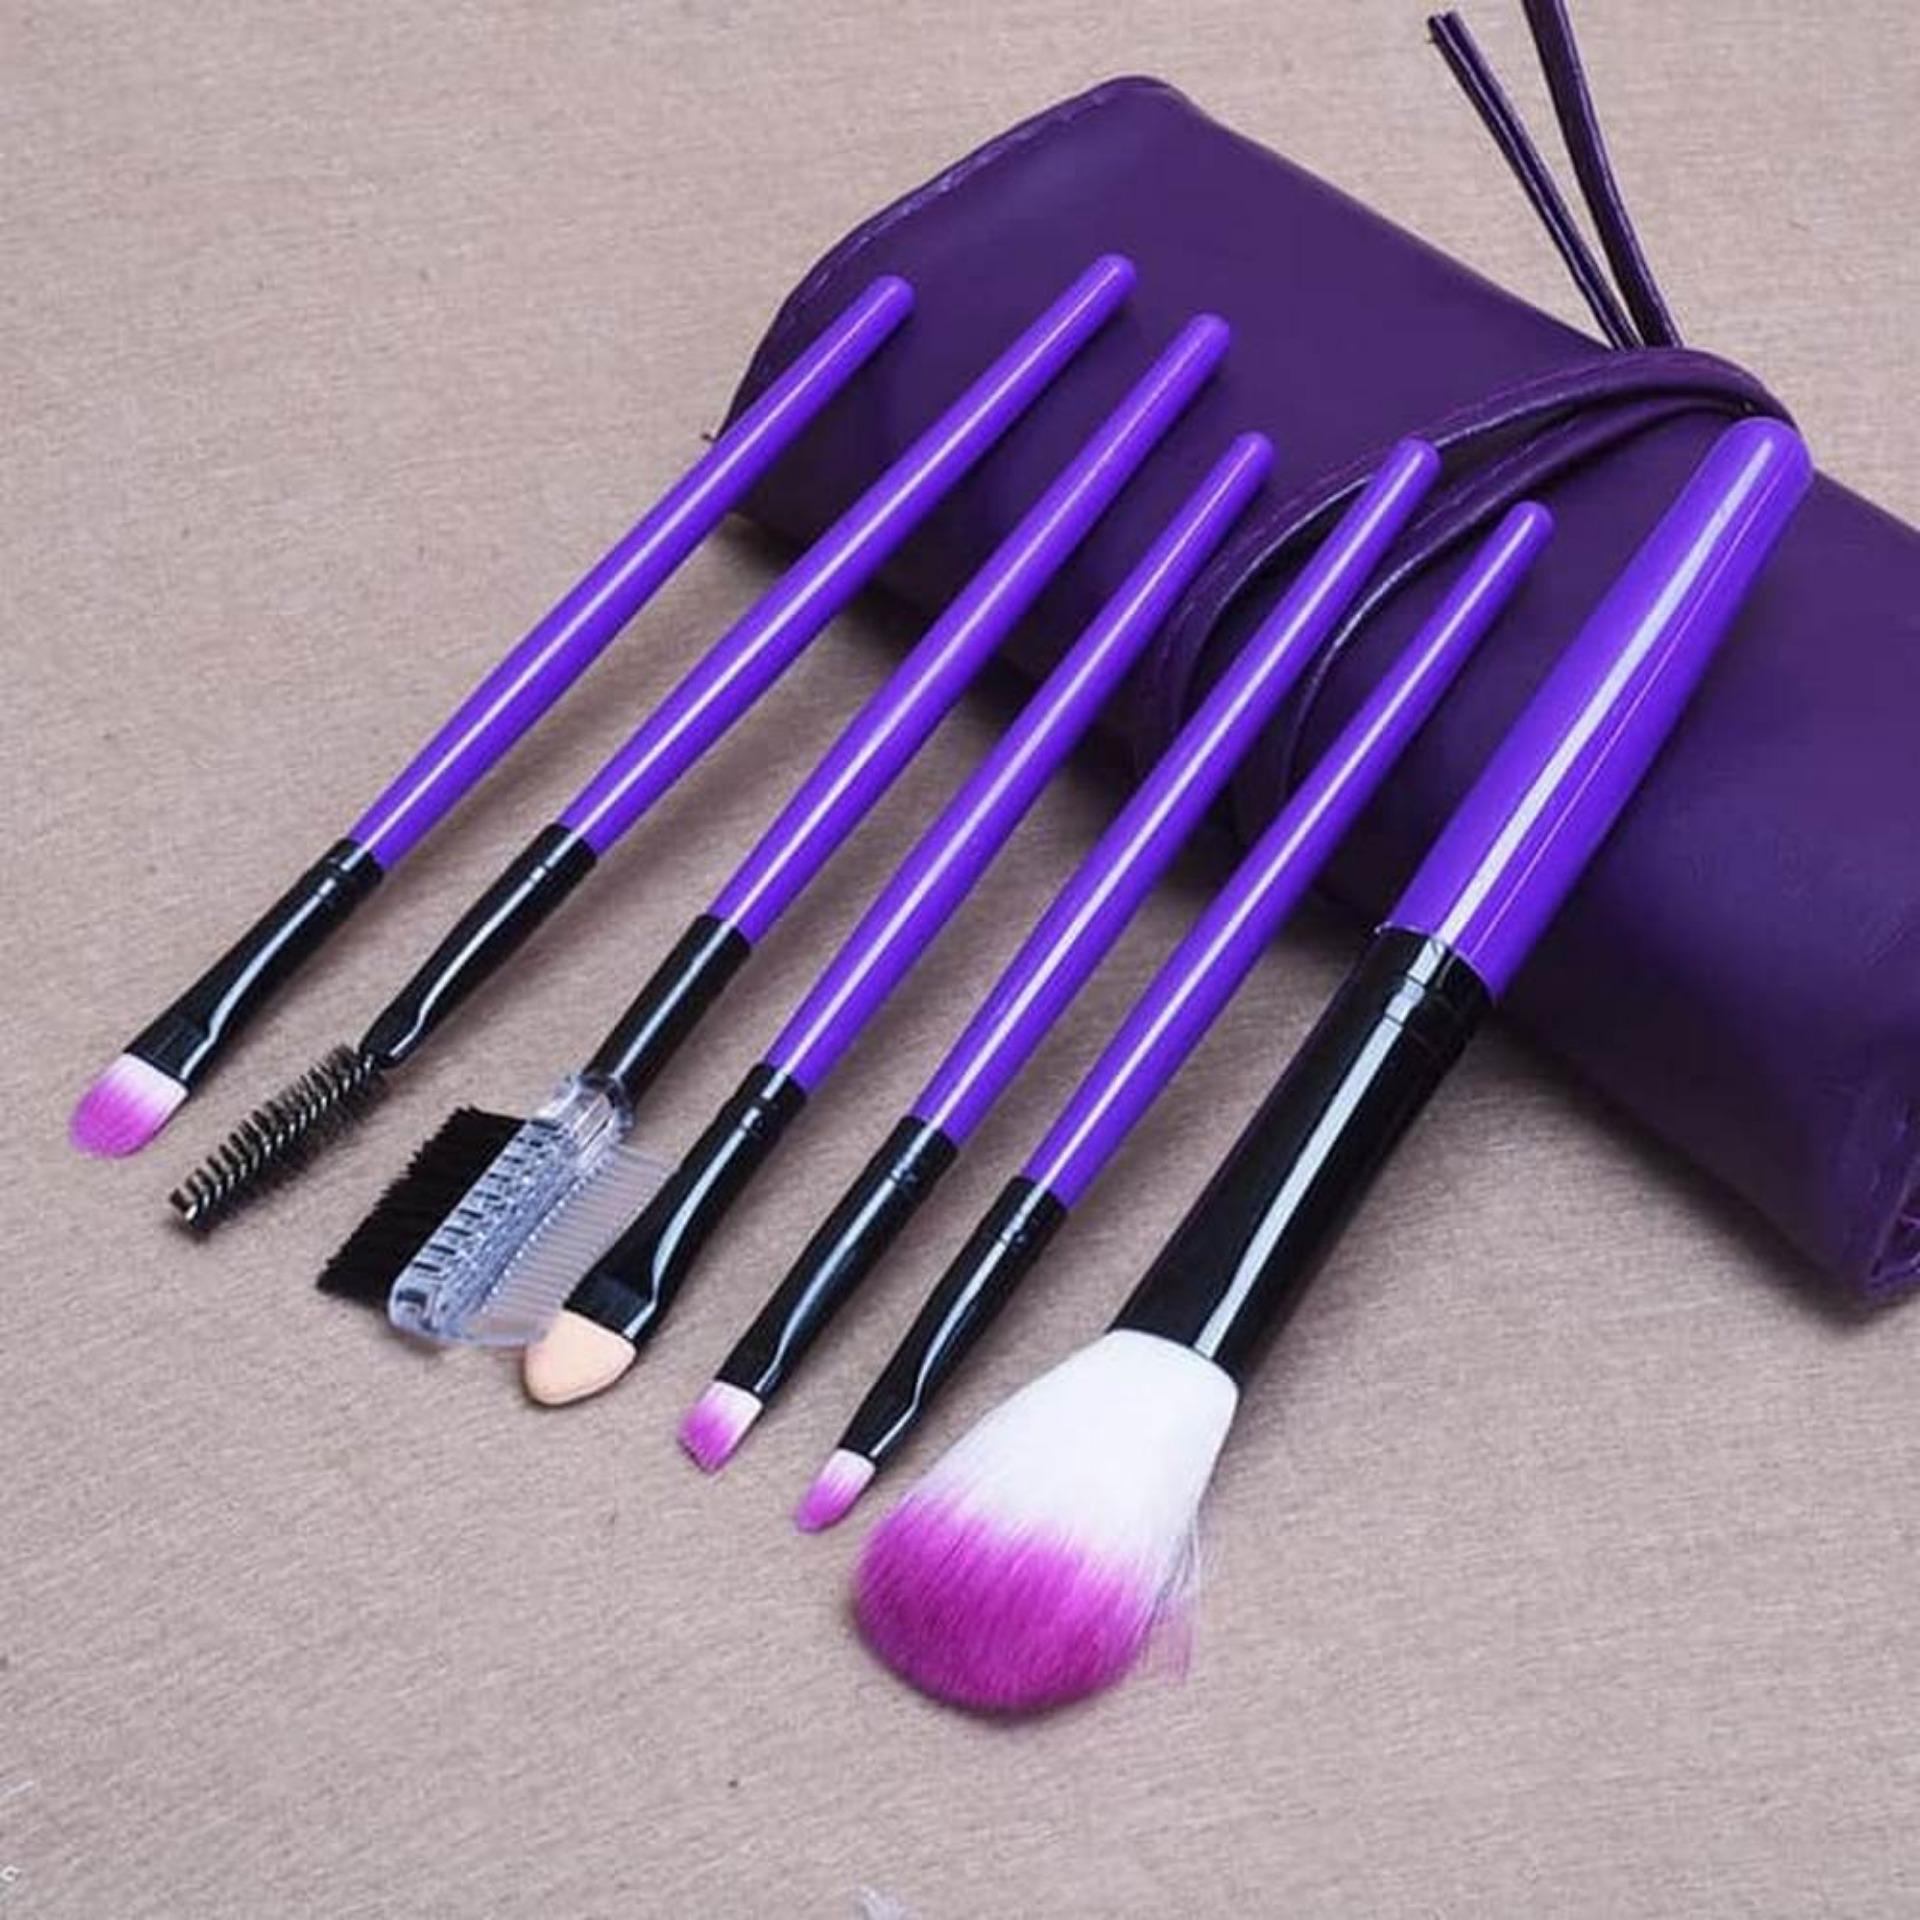 Kuas Make Up Kuas Make Up lengkap Kuas Make Up set Kuas Blush On Kuas eyeshadow